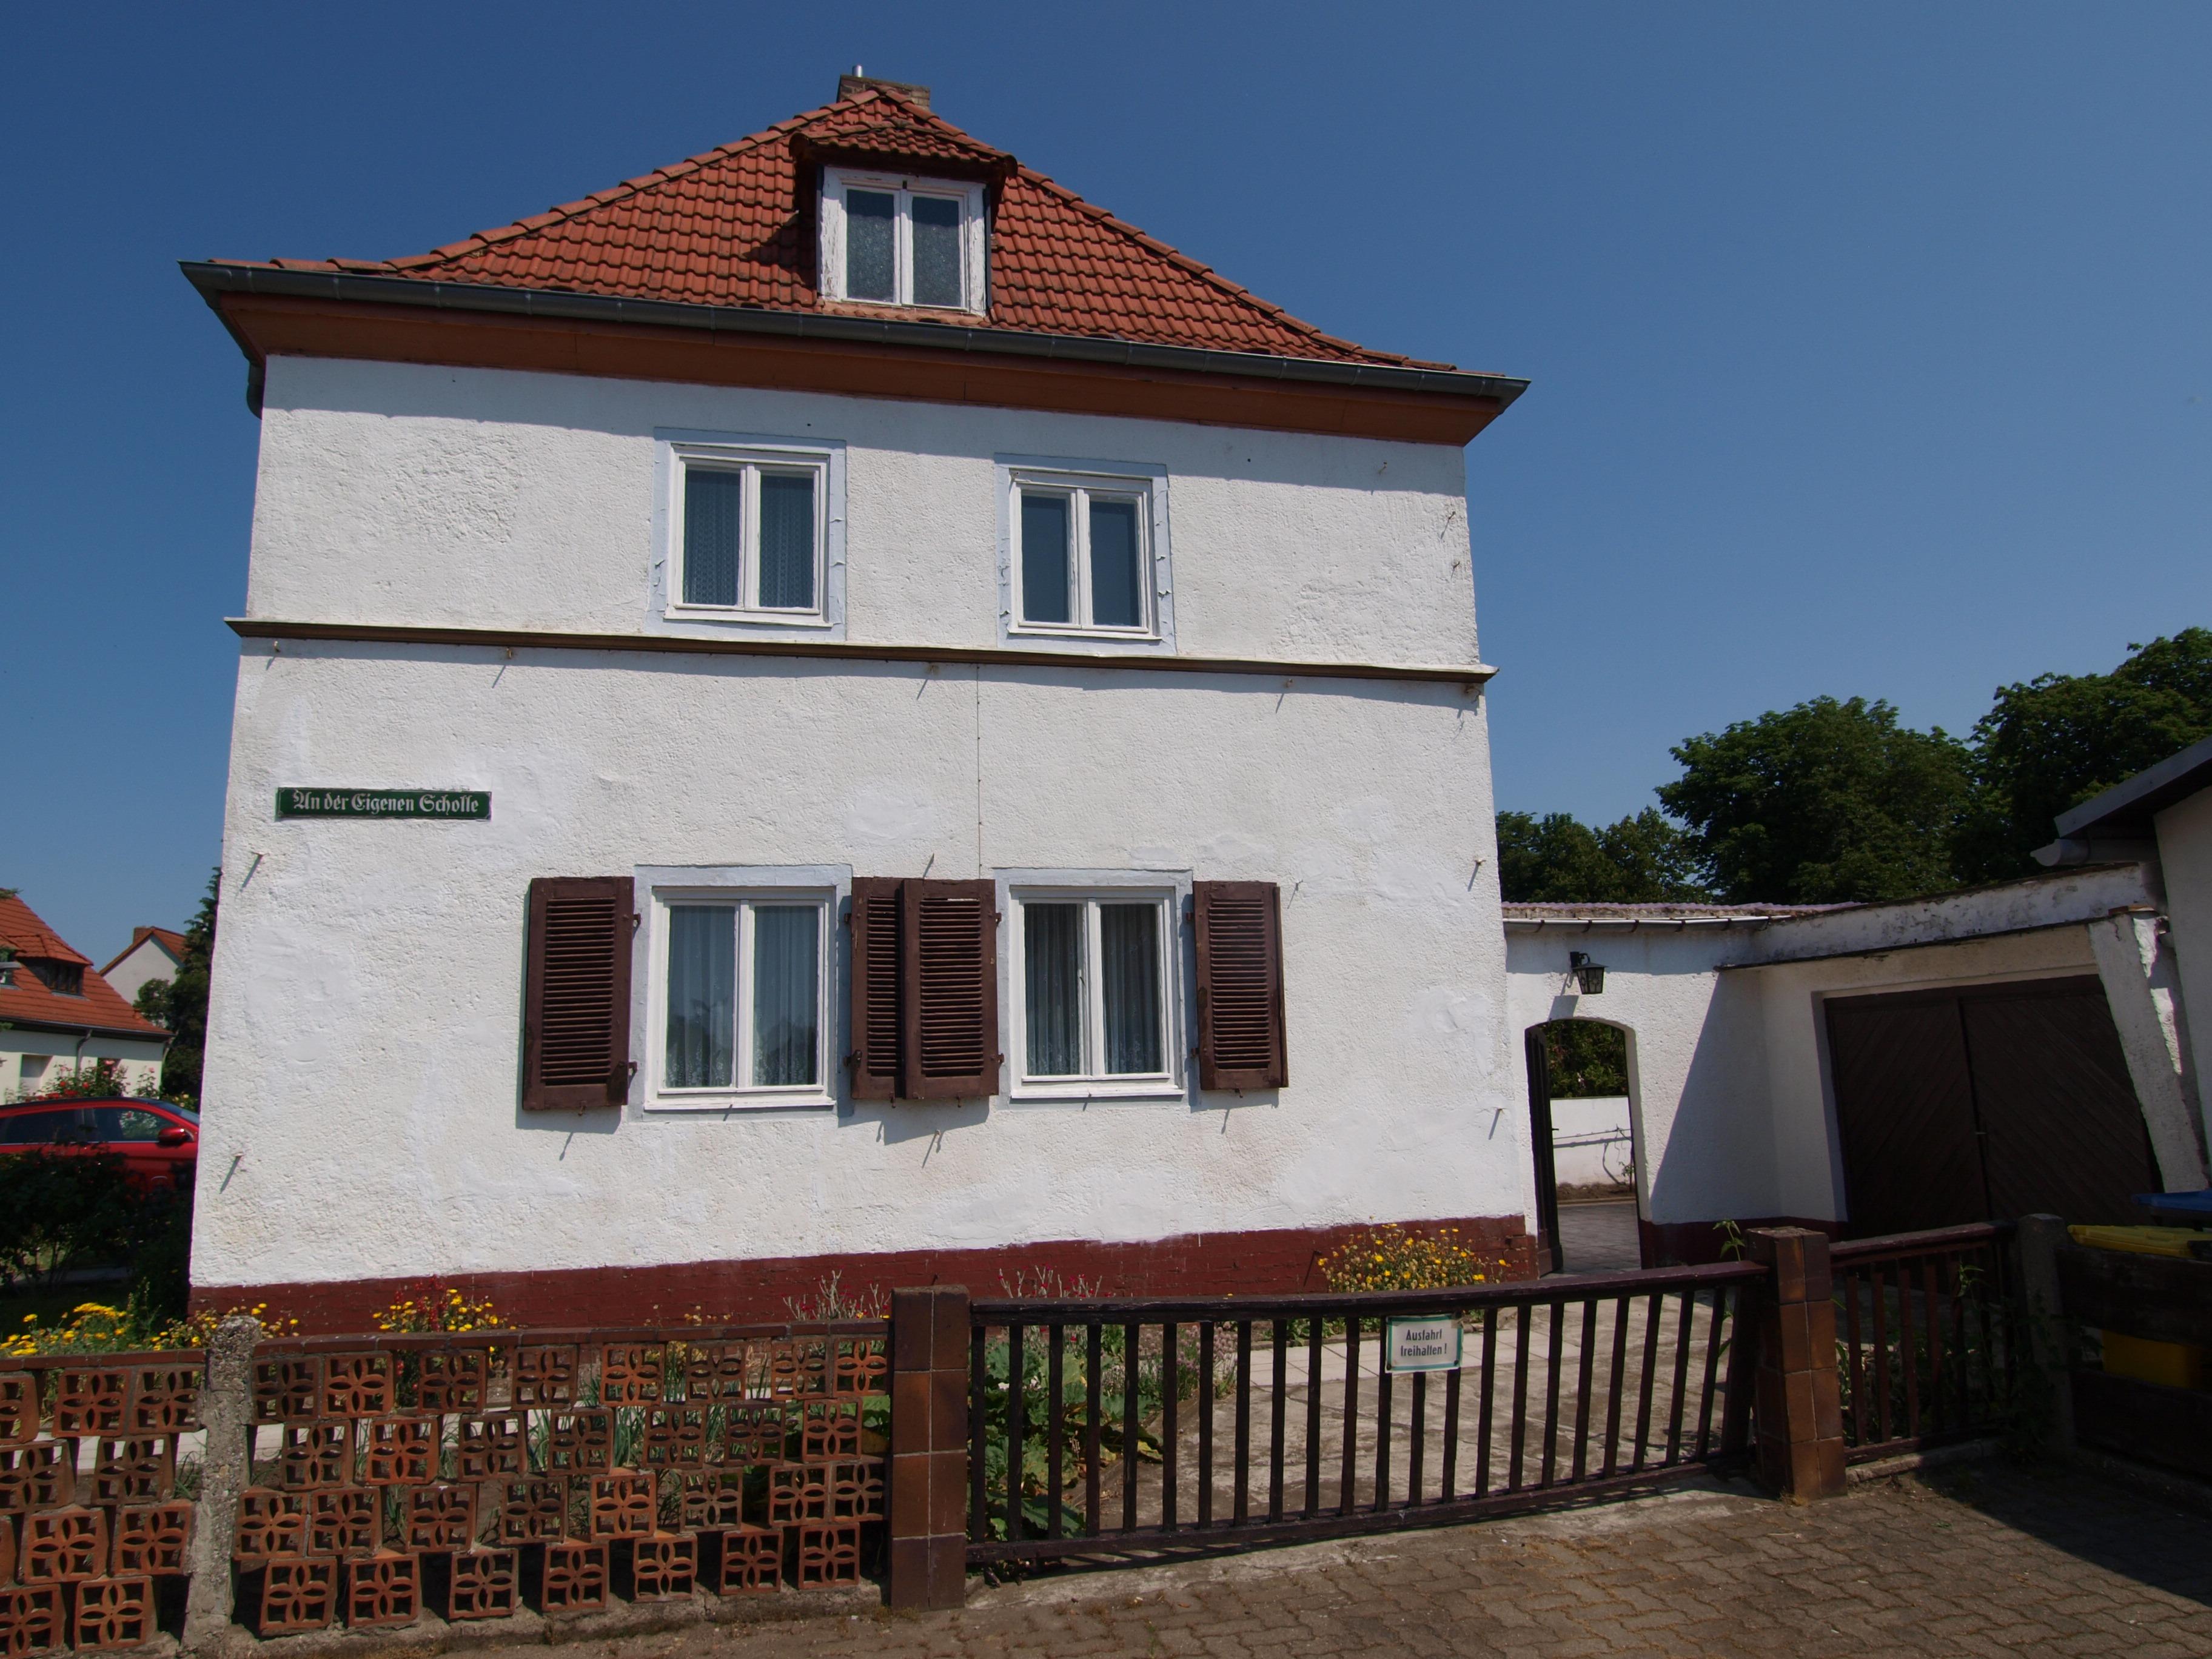 Einfamilienhaus - Hausansicht mit Garage und Zugang zum Garten